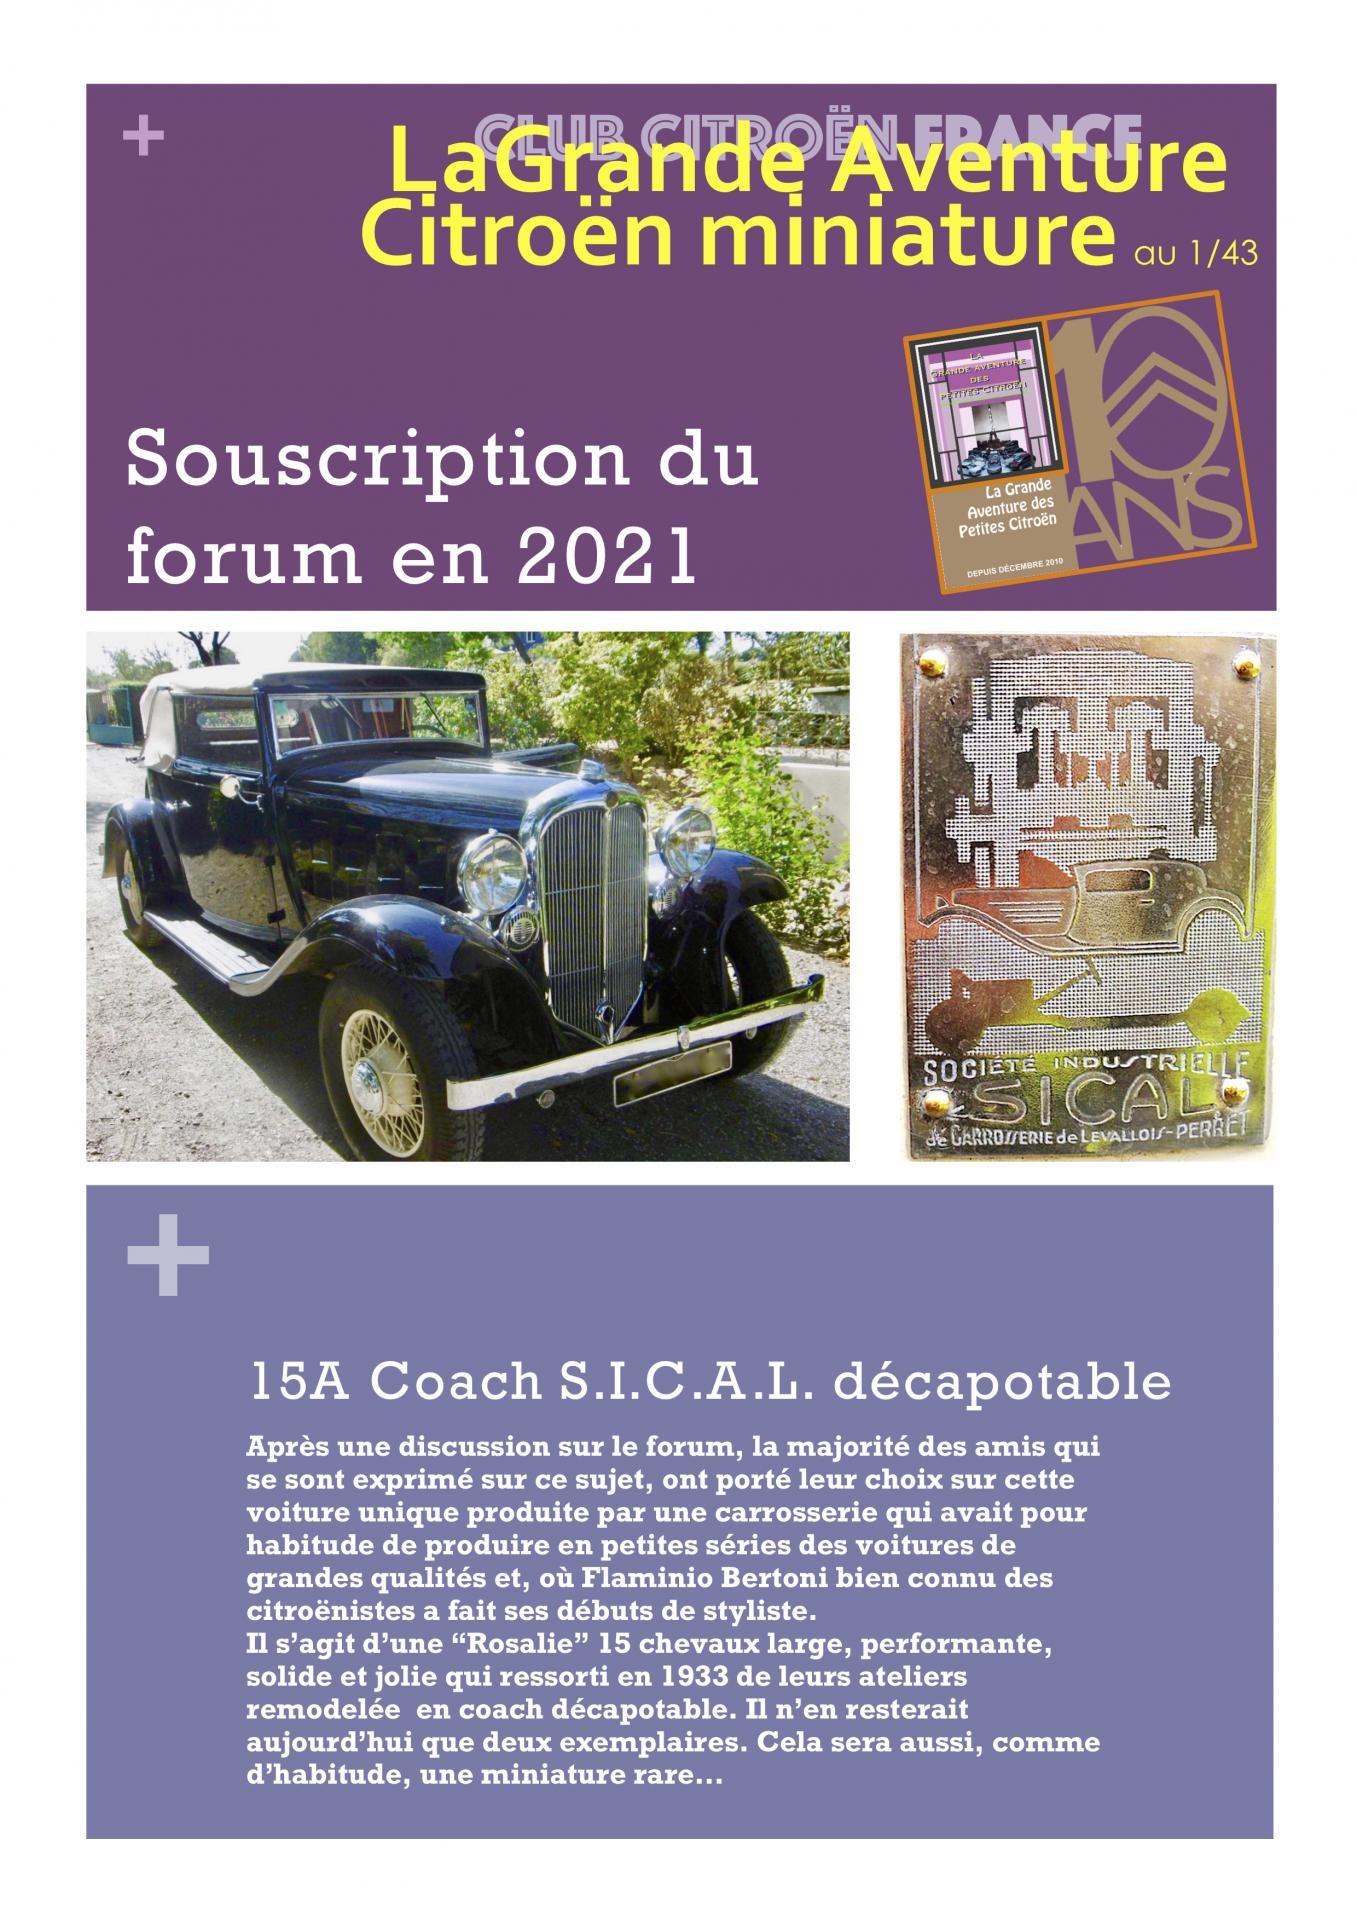 15a coach sical francais r